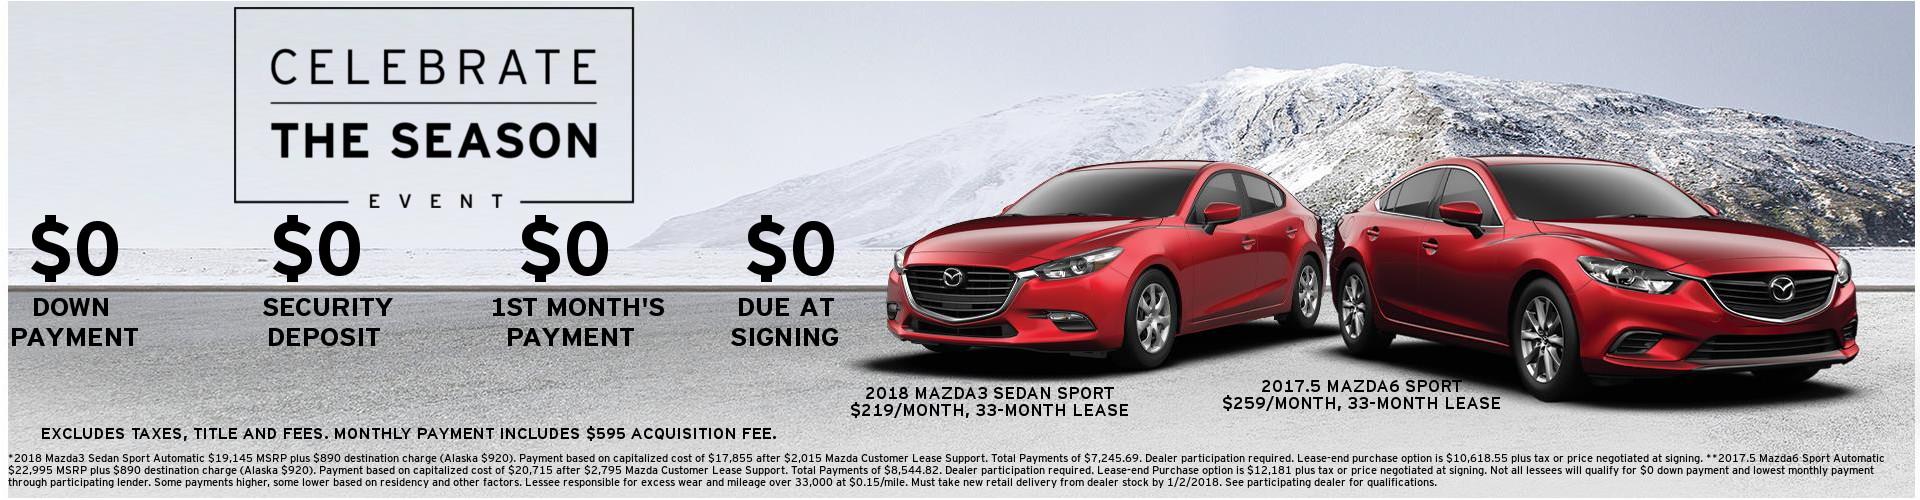 Mazda Celebrate The Season